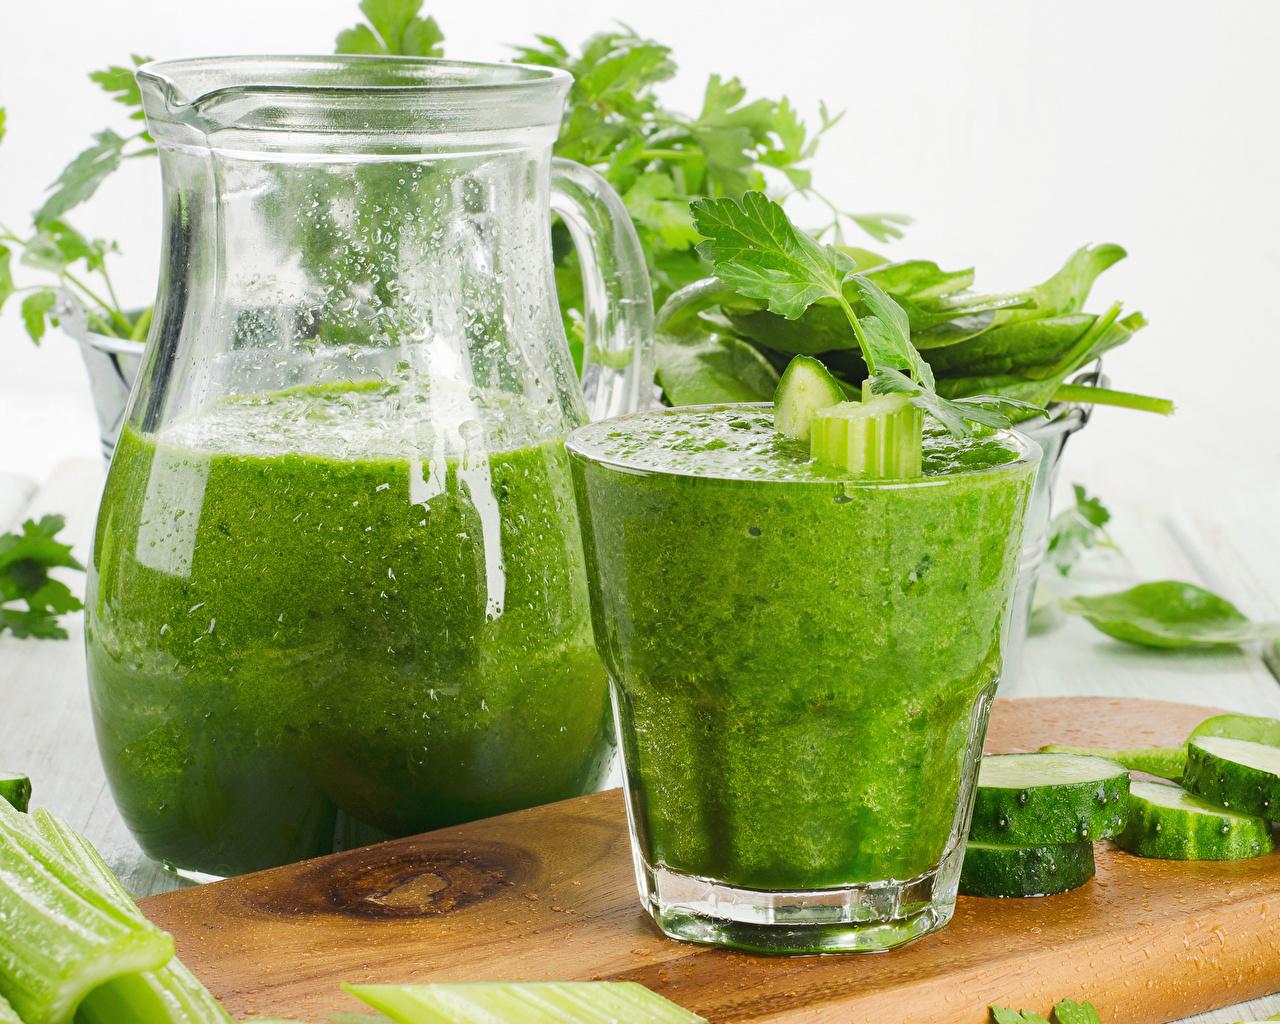 Картинка Смузи Стакан Кувшин Пища Овощи стакана стакане кувшины Еда Продукты питания